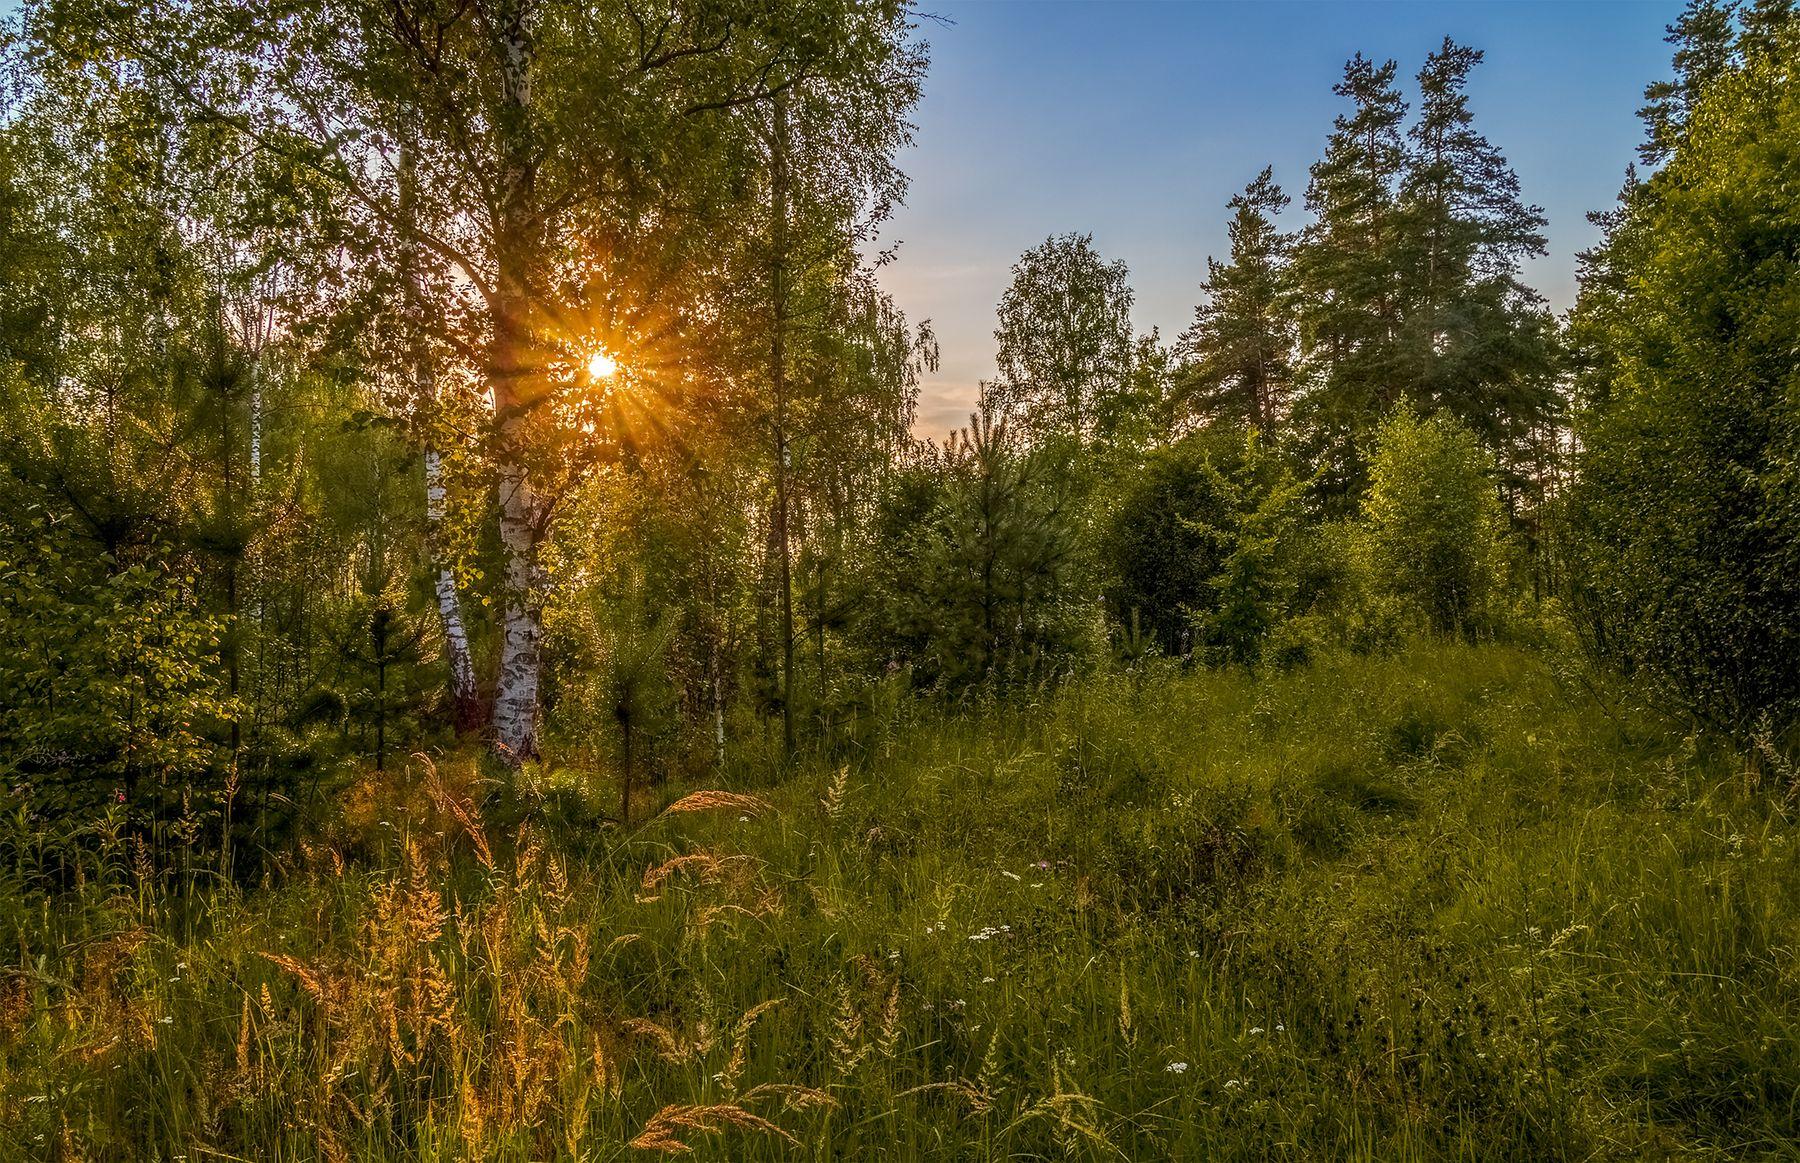 На закате дня в лесу.